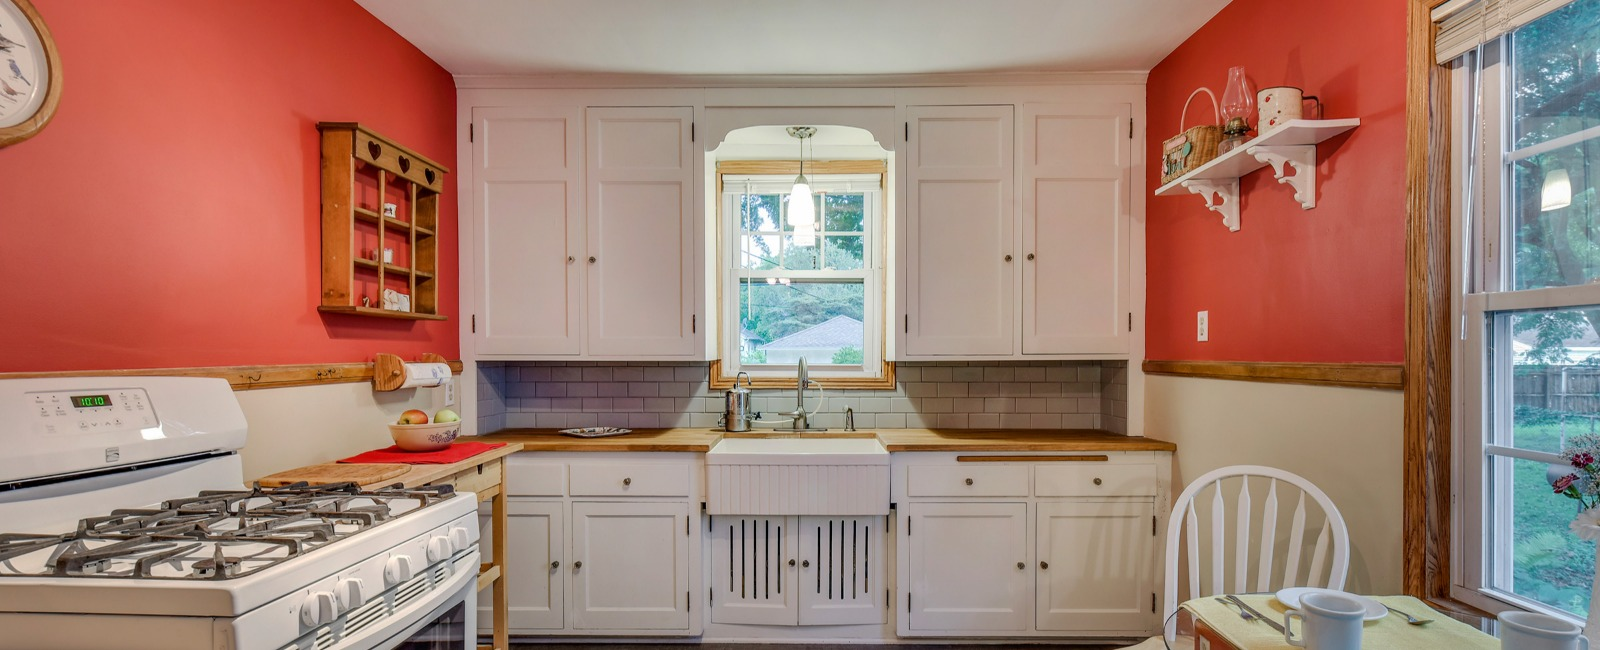 Discover The Real Estate Advantage